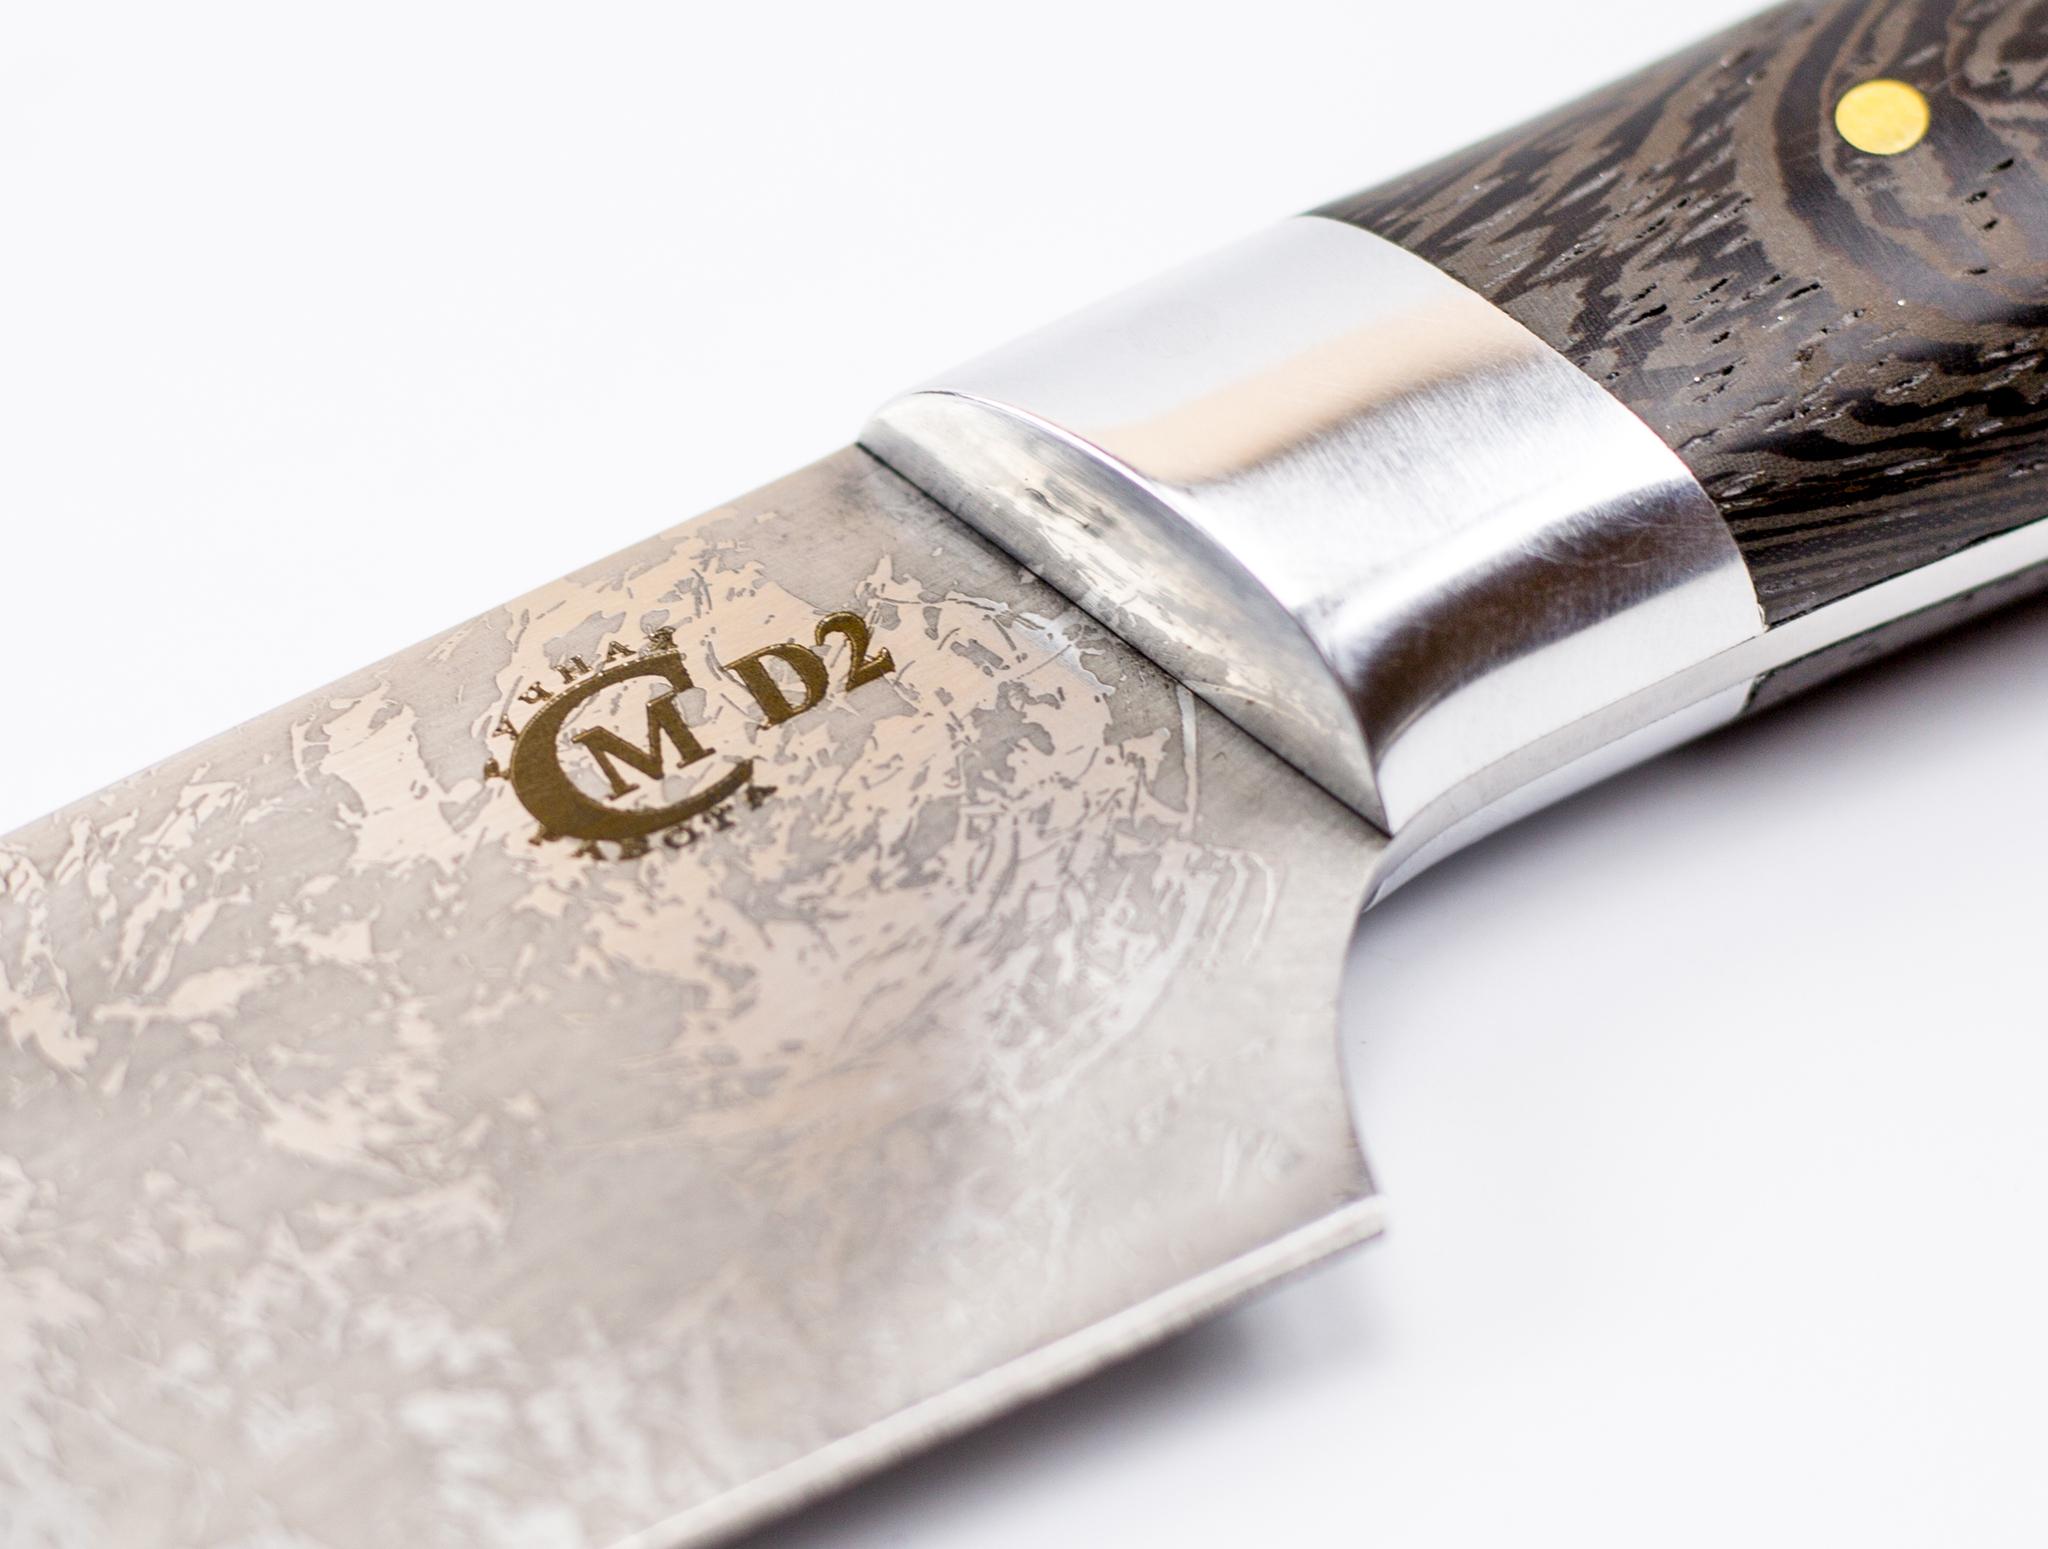 Фото 8 - Нож Шеф-повар, сталь D2, венге от Кузница Семина